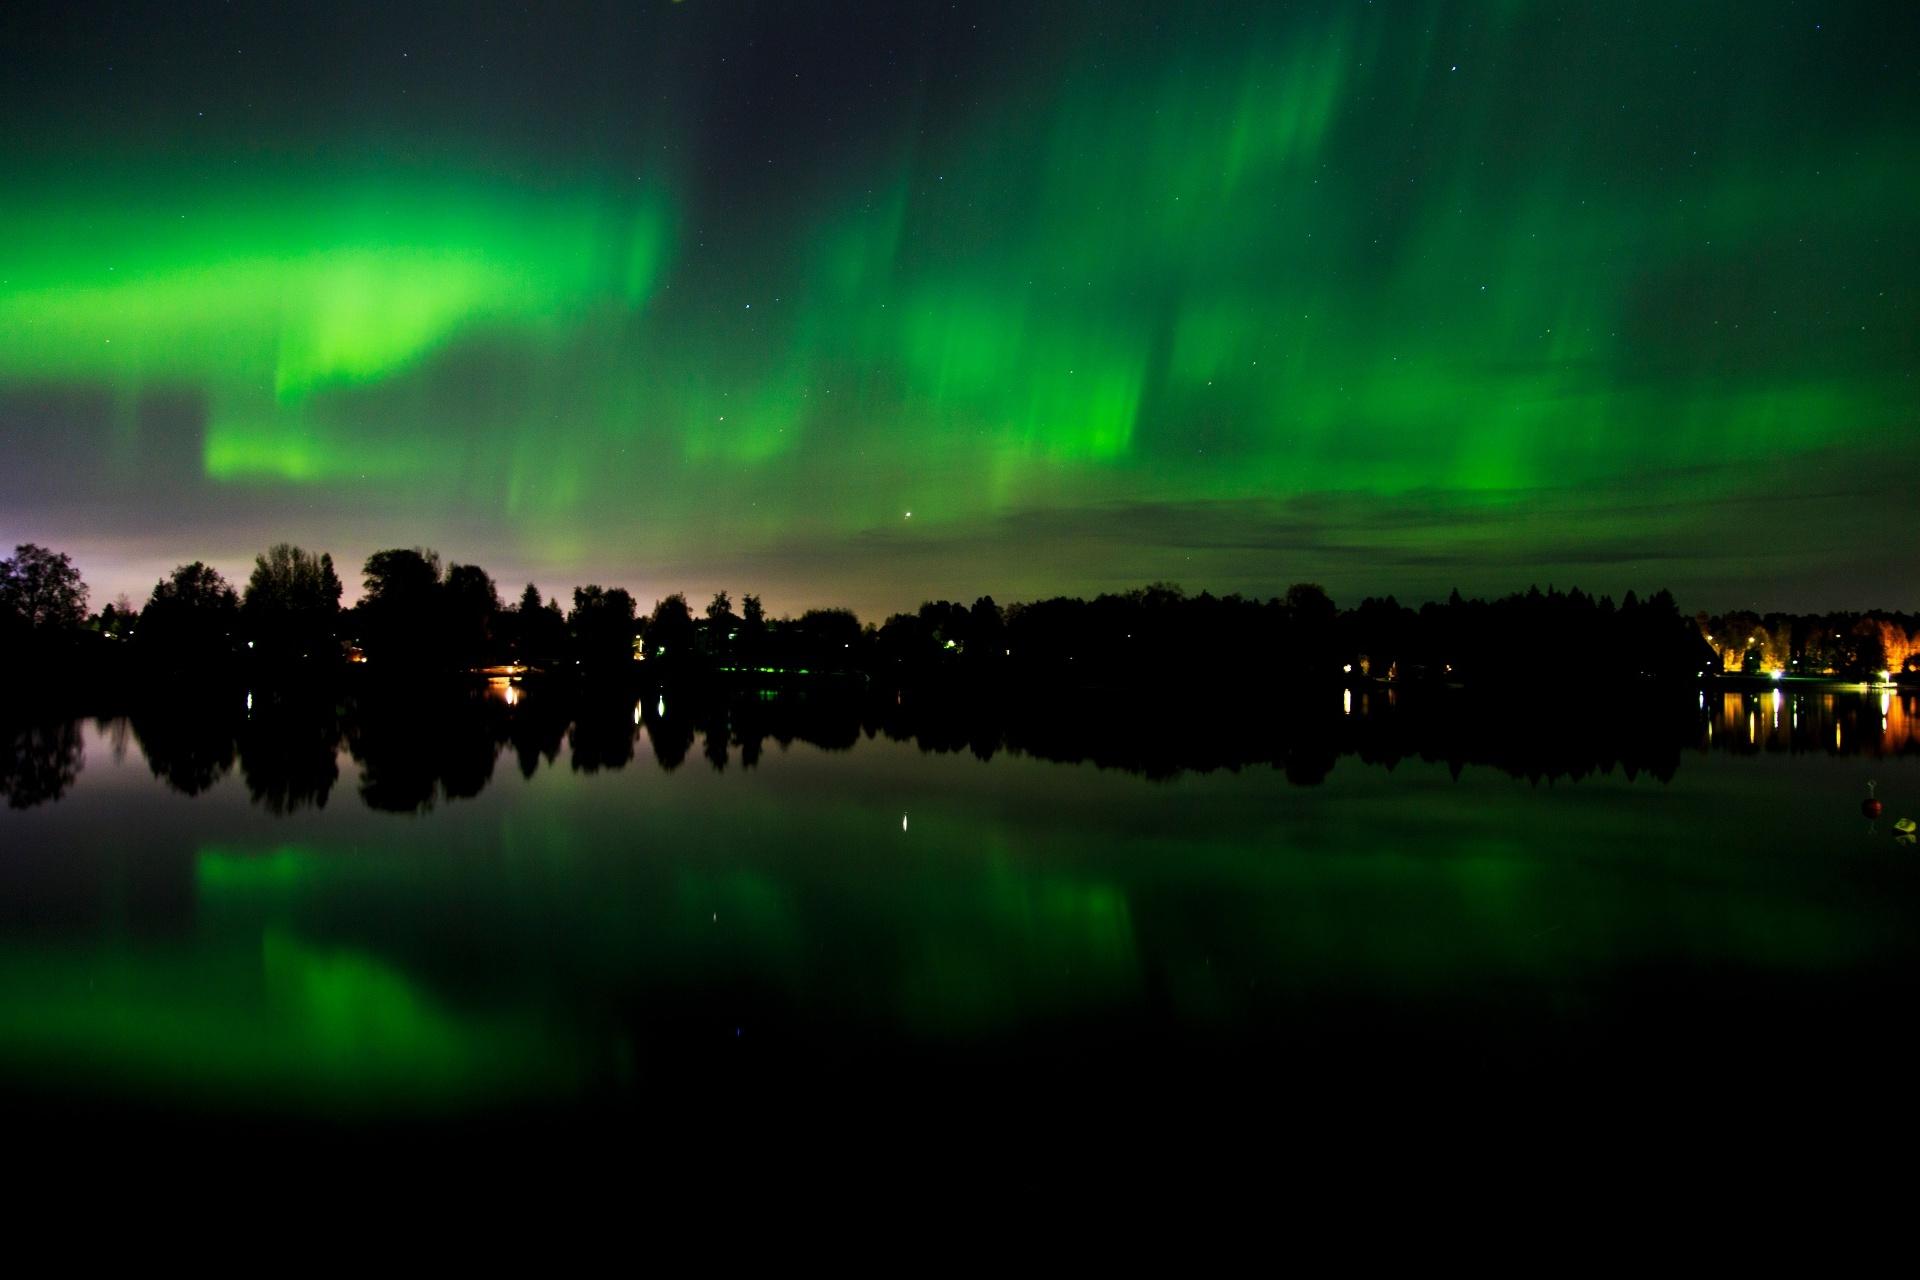 オーロラの風景 オウル フィンランドの風景